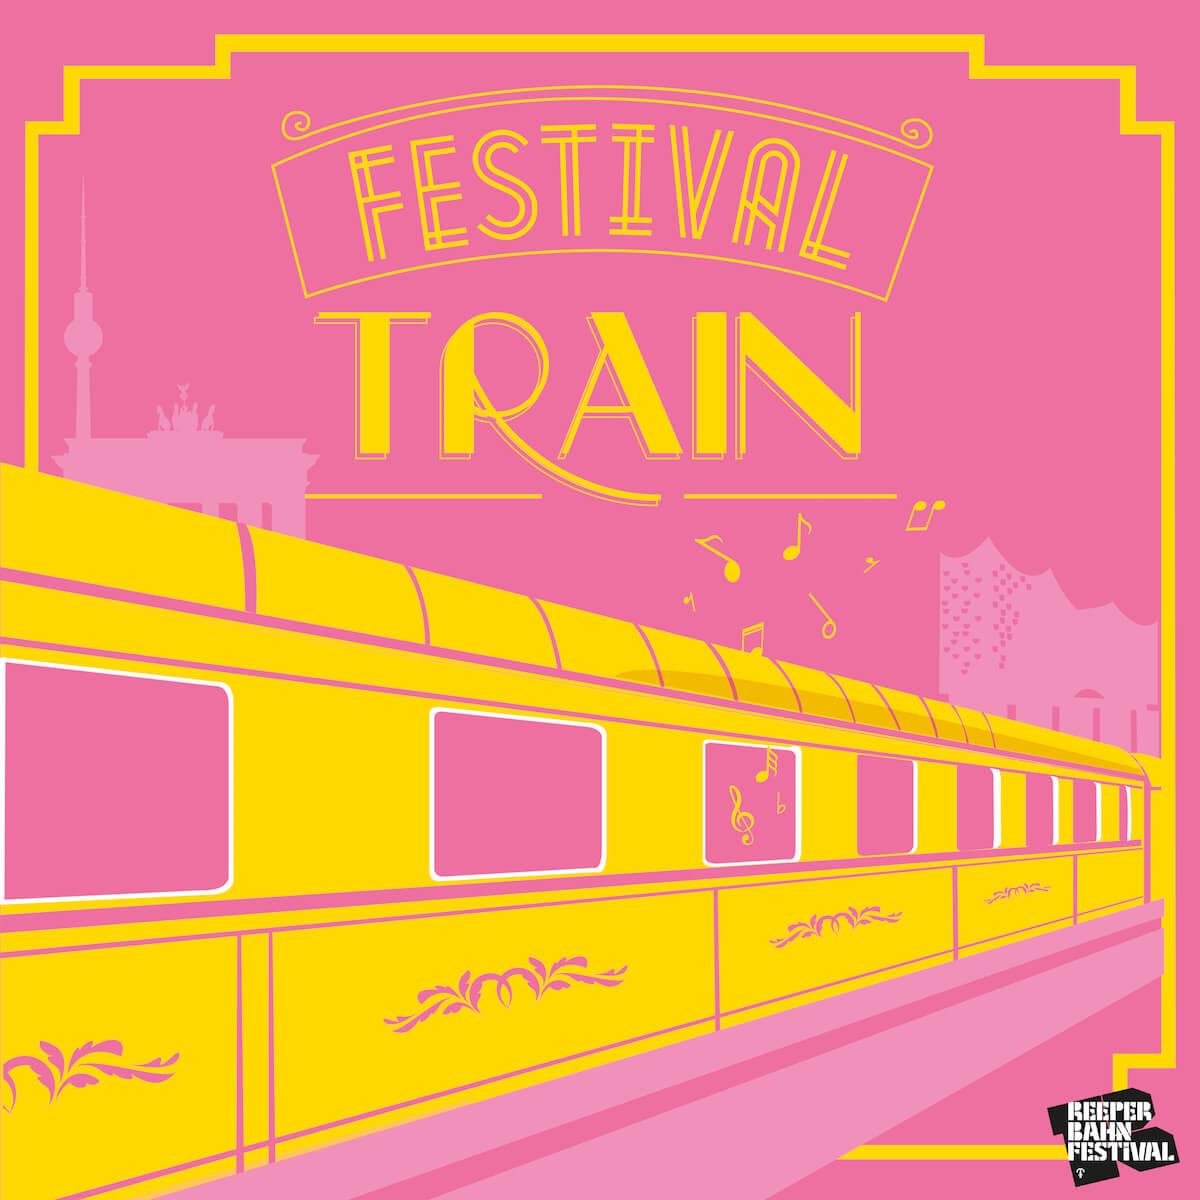 Reeperbahn Festival Train 2018 | buero doering